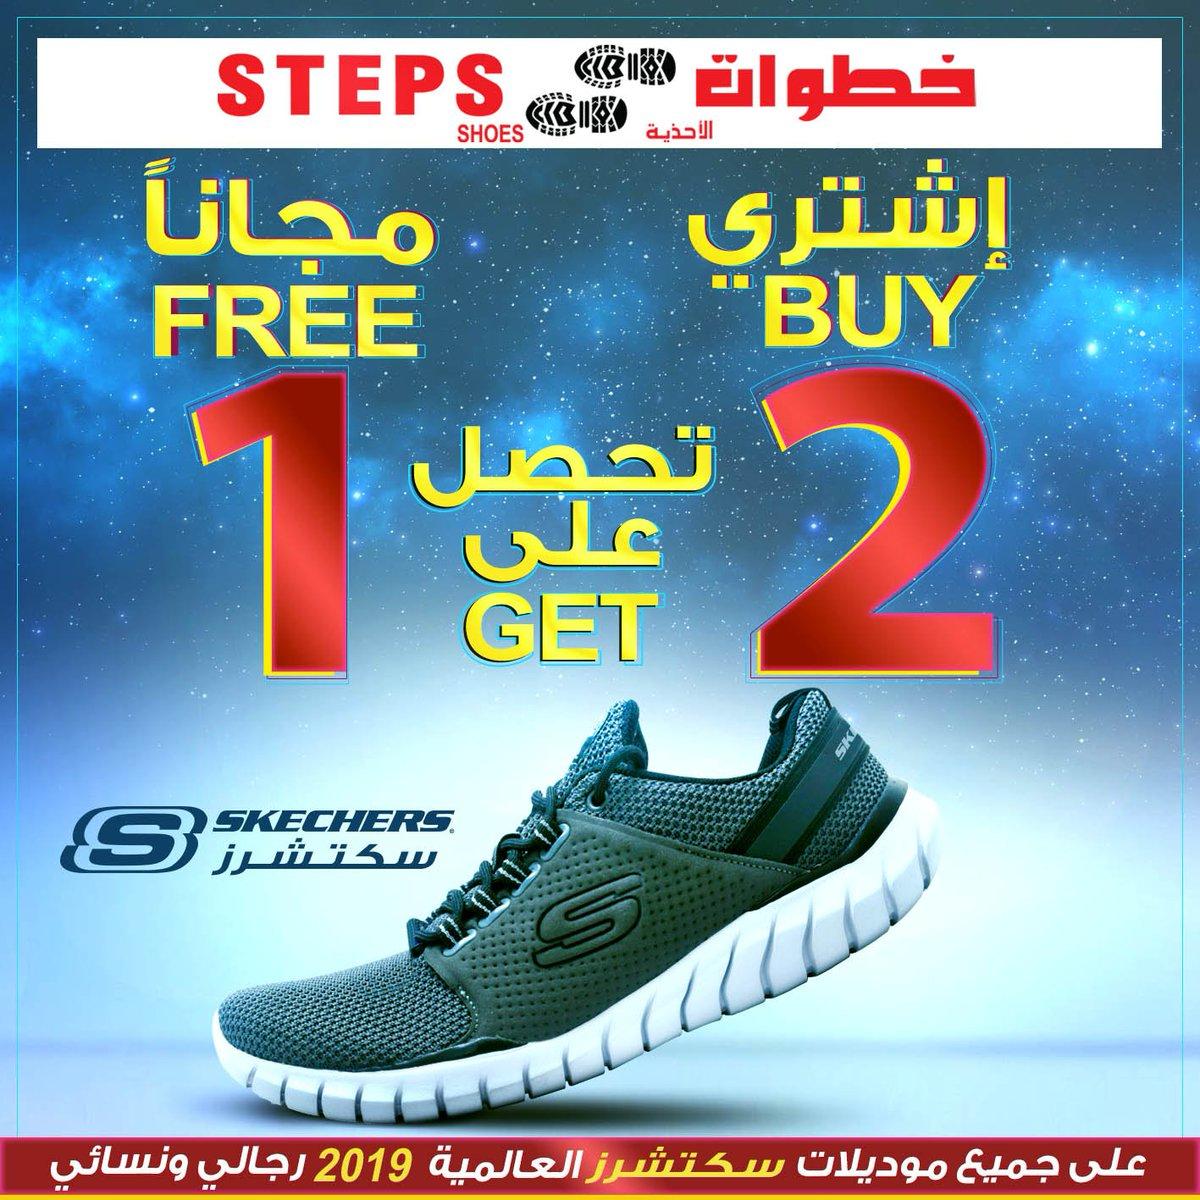 d4d50d4f1 خطوات الأحذية (@ShoesSteps)   Twitter